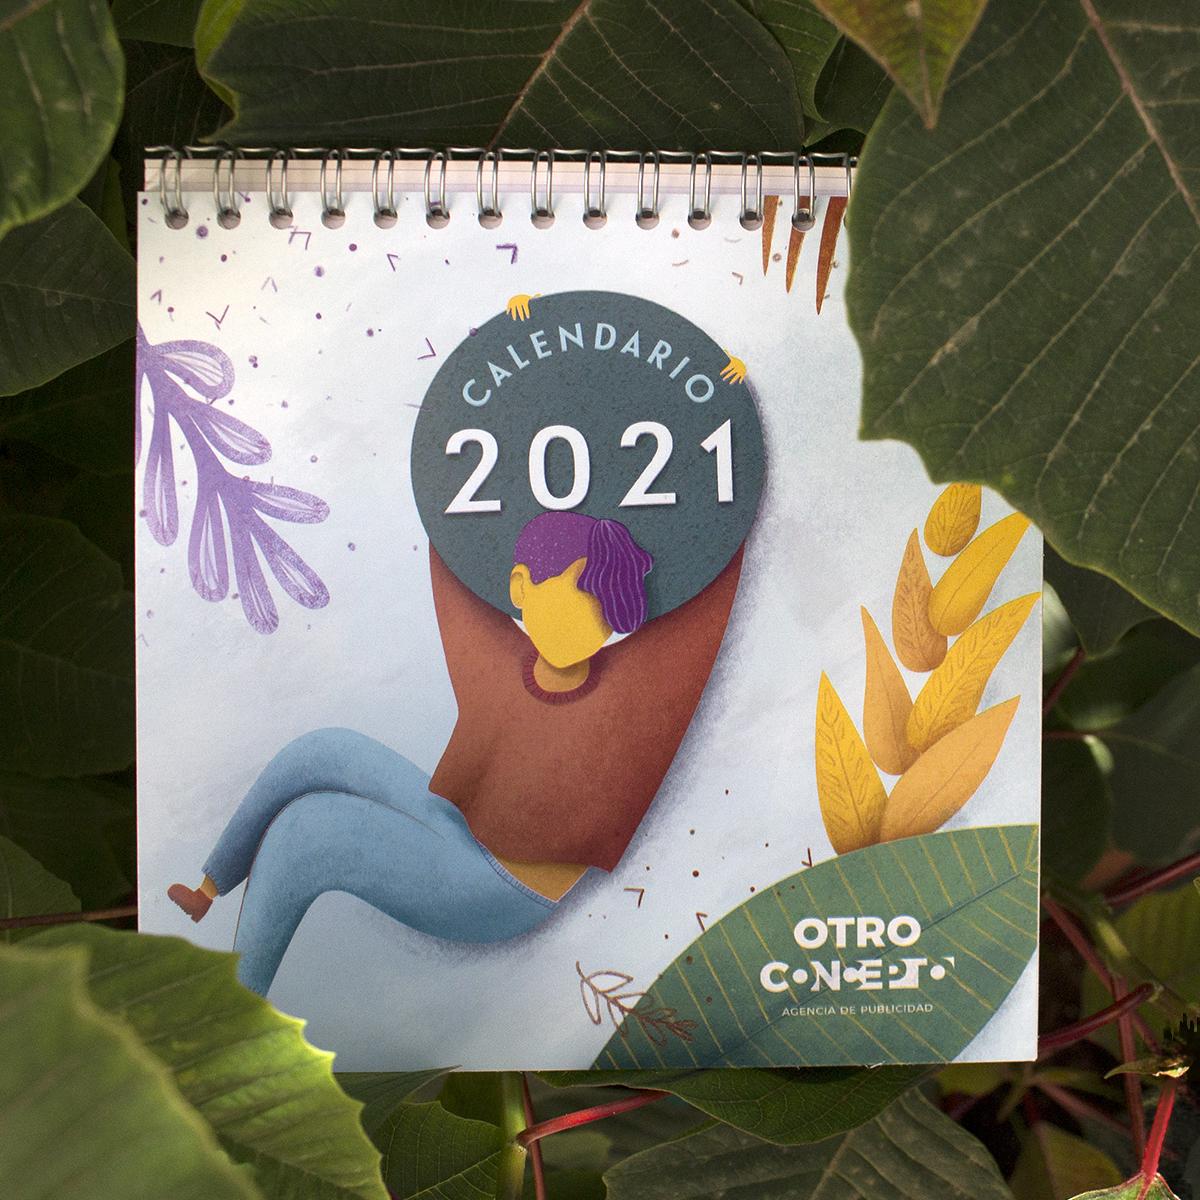 Calendario sobremesa 2021